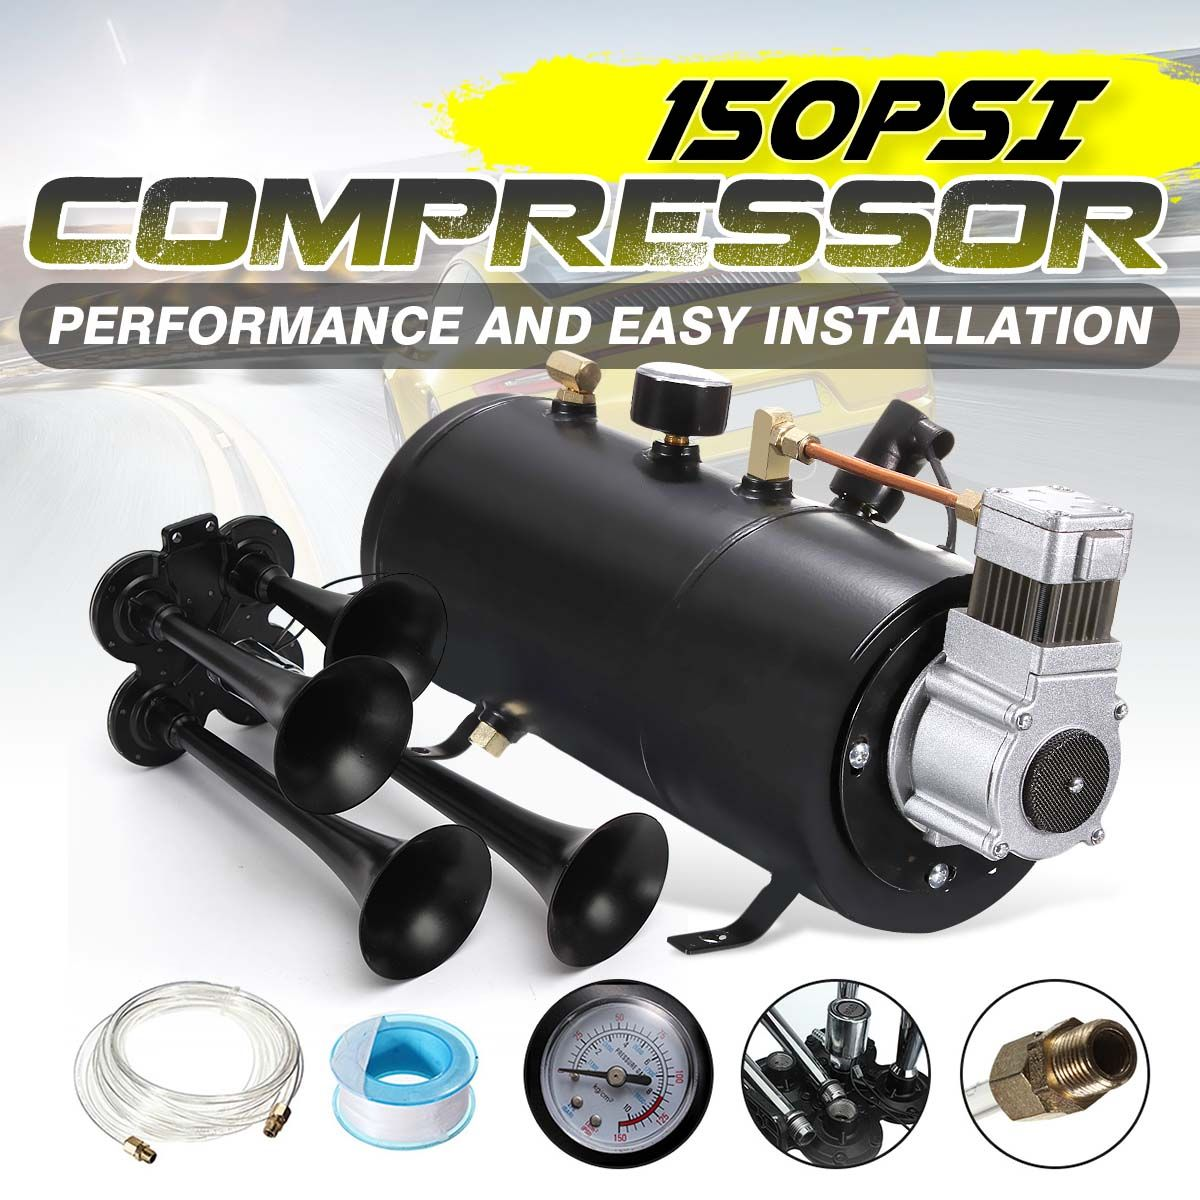 Schwarz 150PSI Luft Kompressor 3 Liter und Druck Schalter Schlauch Kits Zug Lkw-anhänger 12 V mit 4-Trompete zug Air Horn